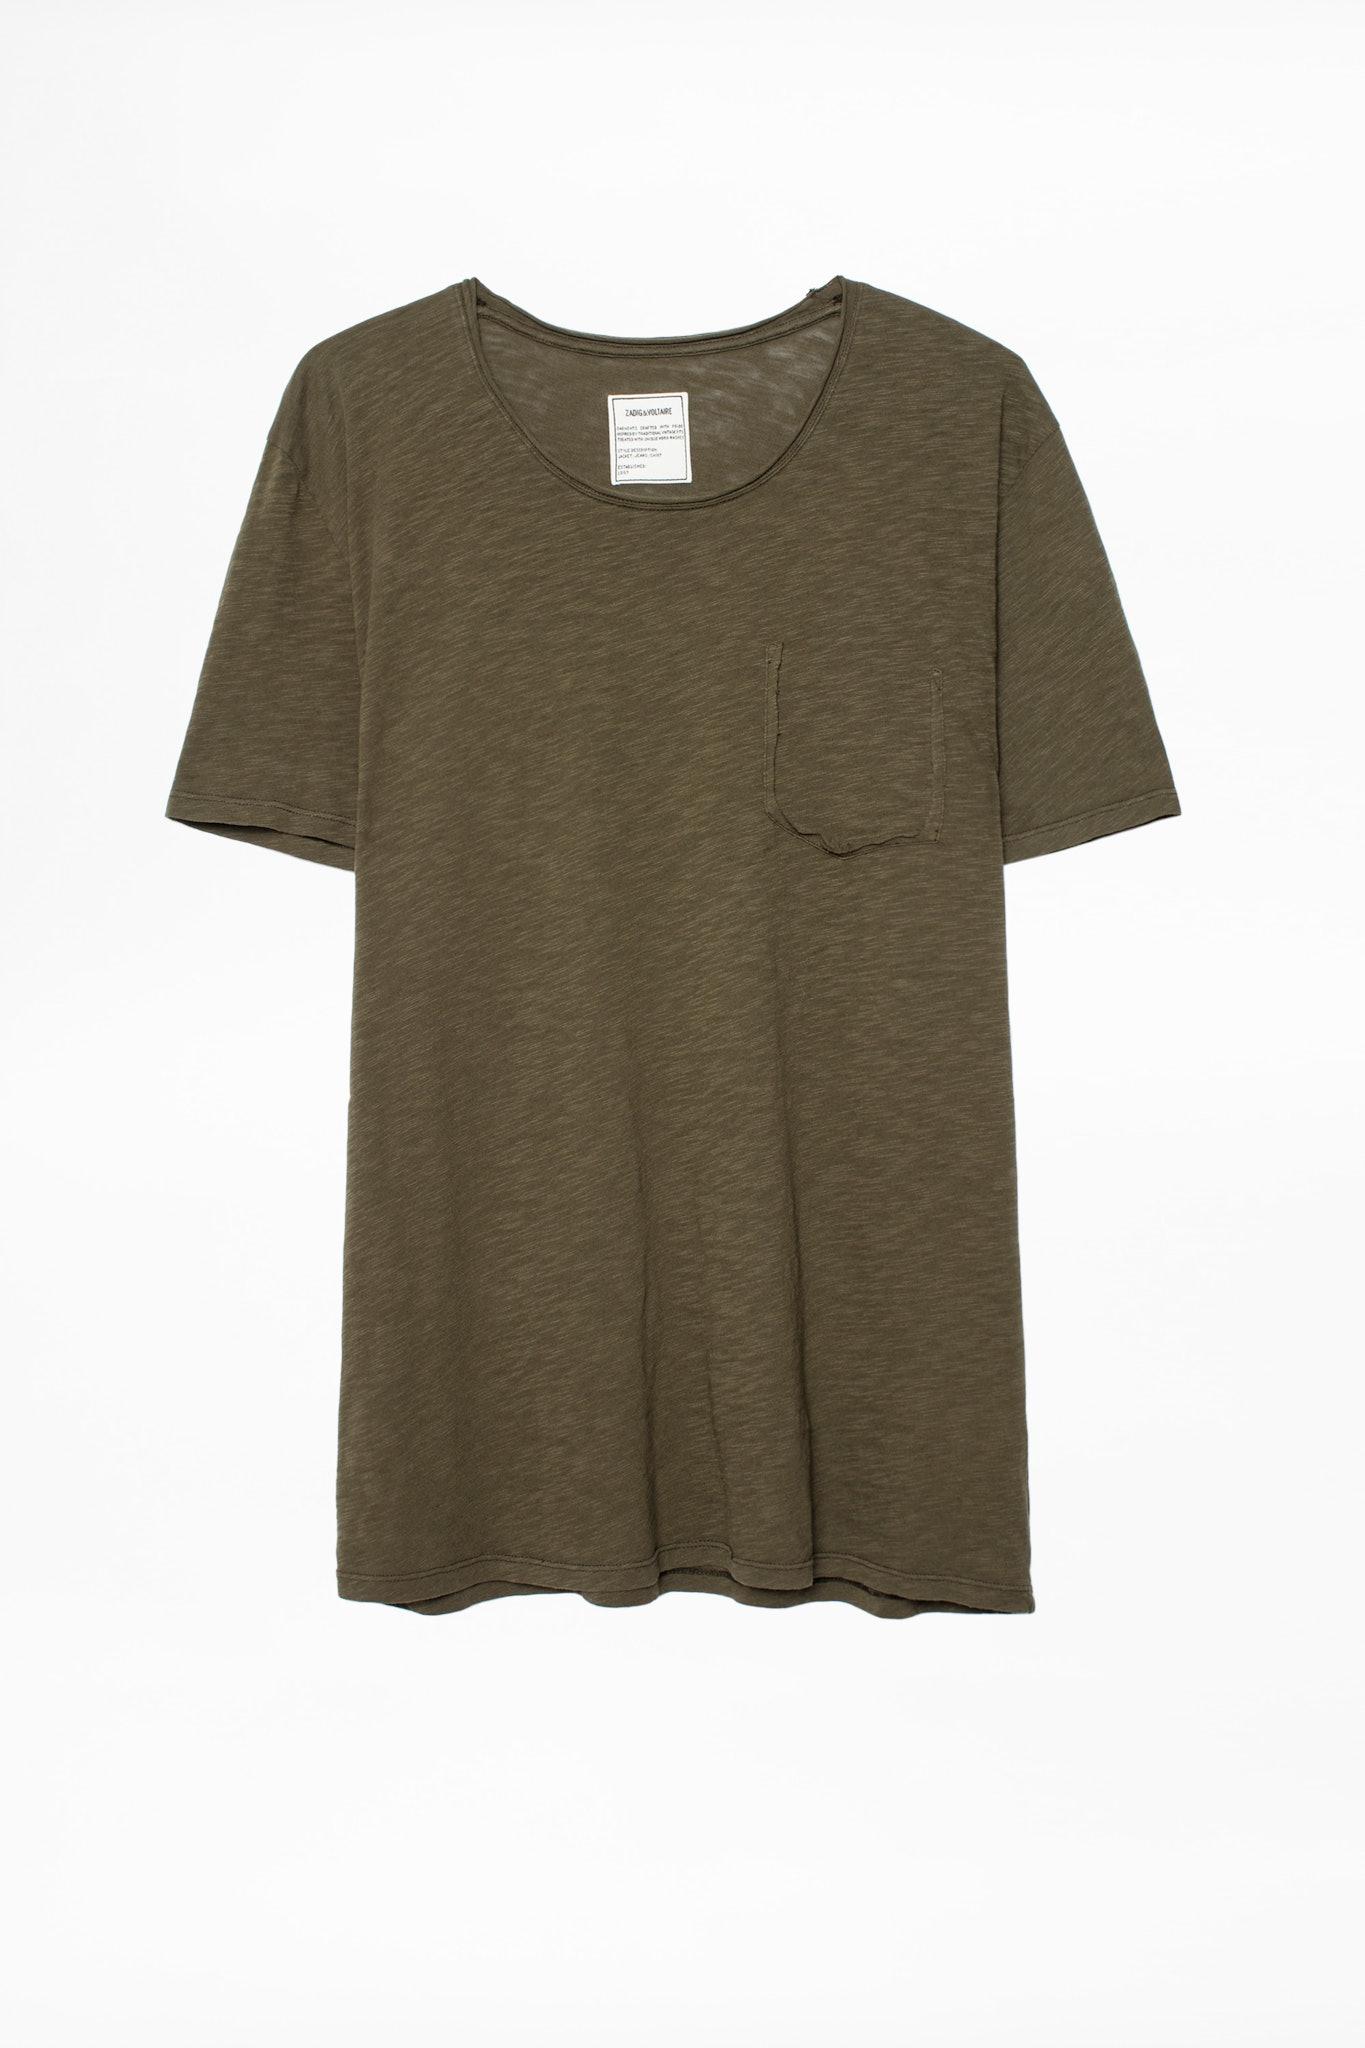 Camiseta Toby Flamme